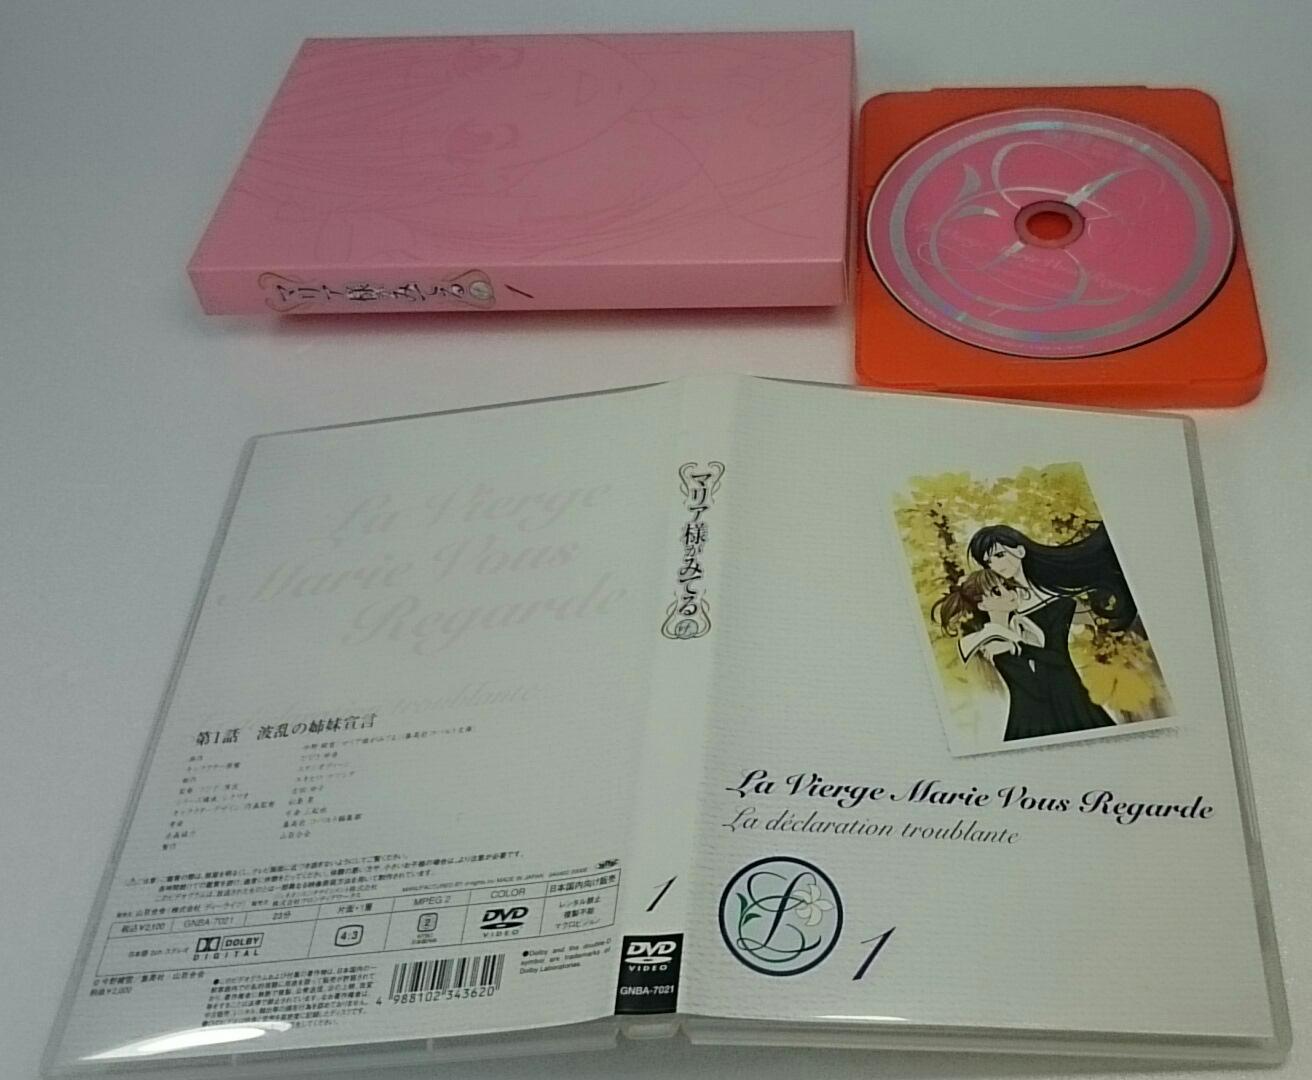 メール便 ゆうパケット可能 DVD 当店一番人気 マリア様がみてる 中古品 安心の定価販売 4 1